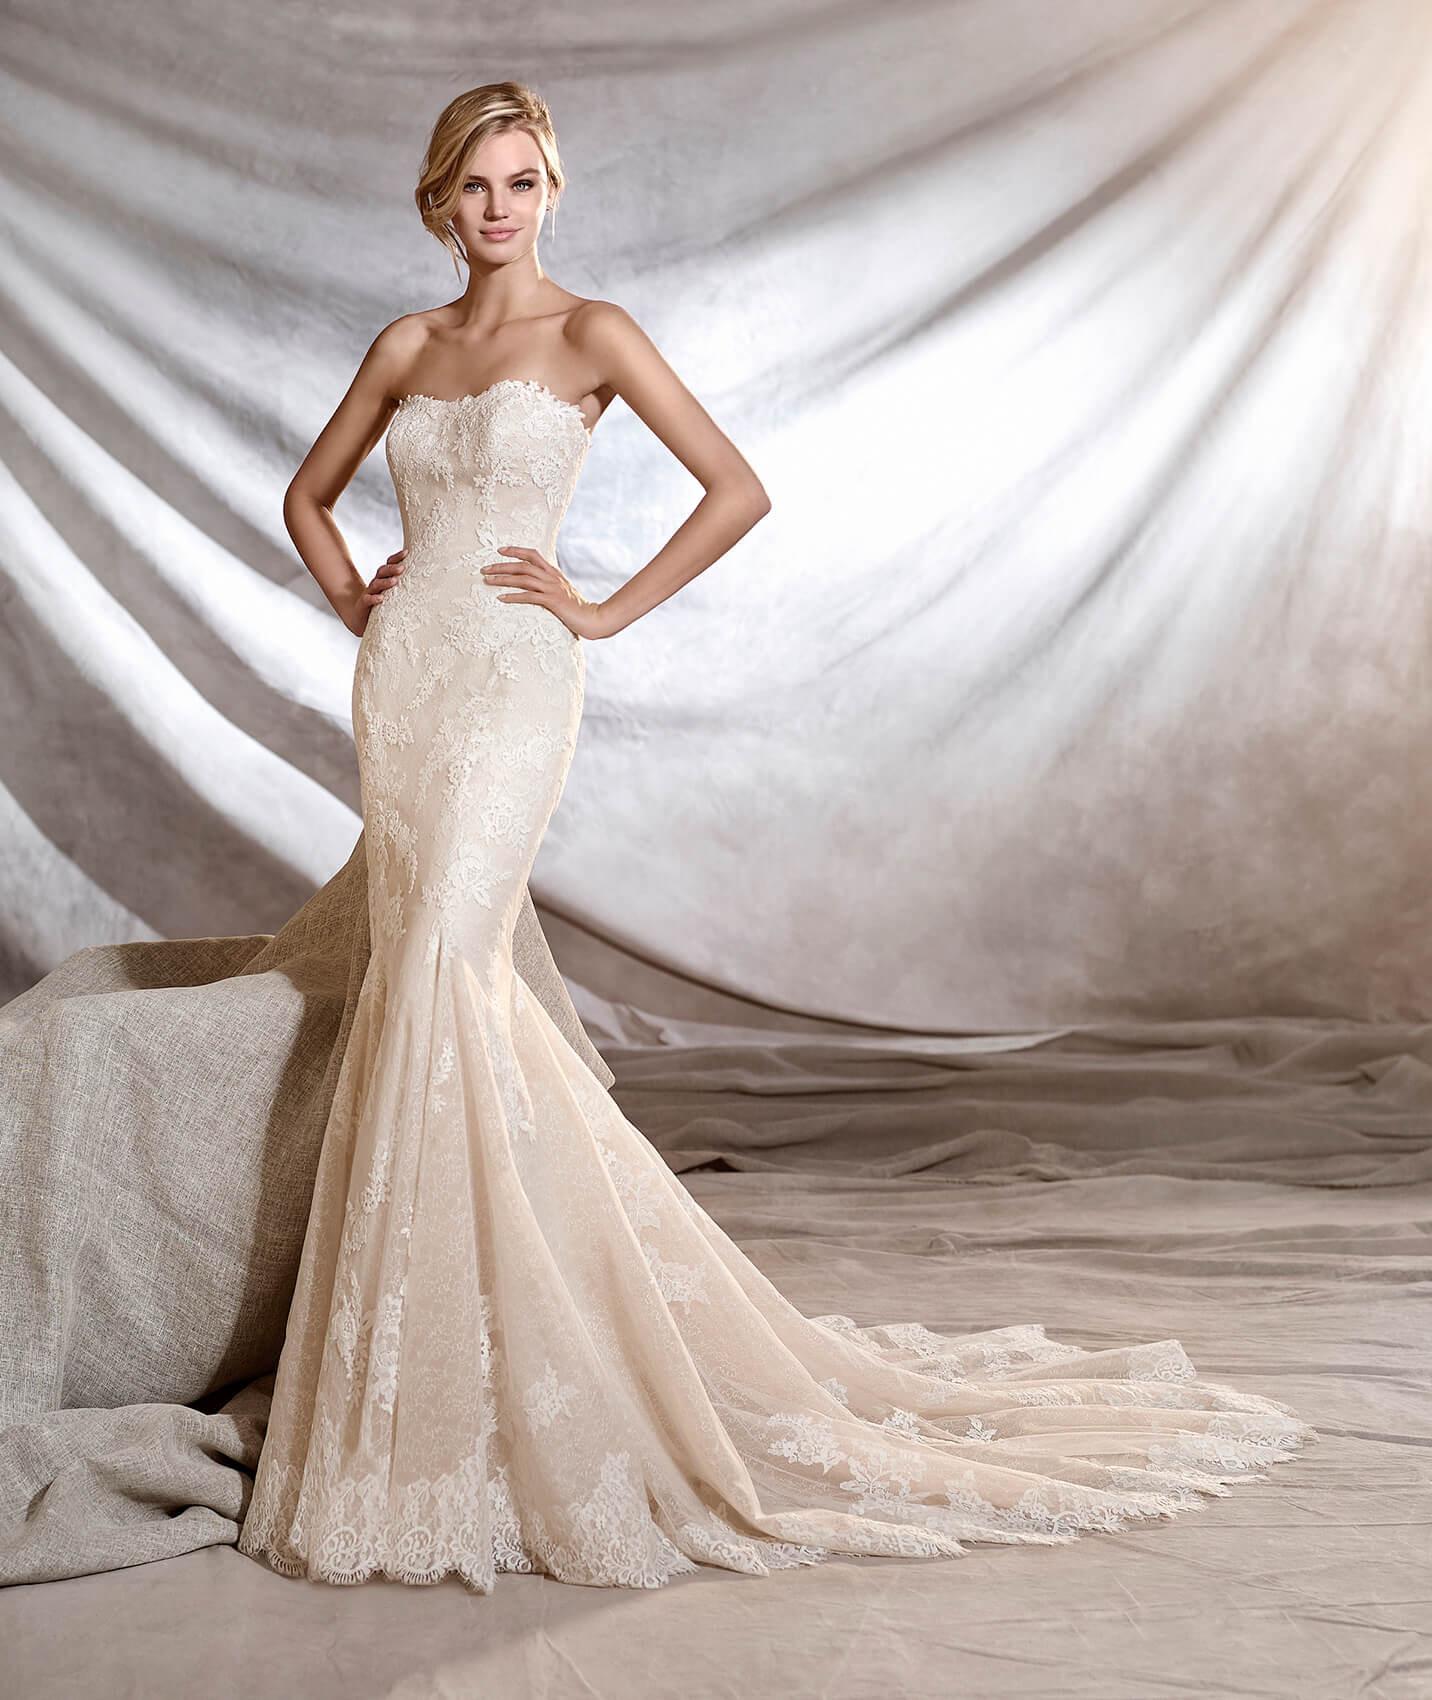 Pronovias Orinoco White Size 10 Retail Price $2,640 | OUR Price: $1,848 (Available at our Las Vegas Store)